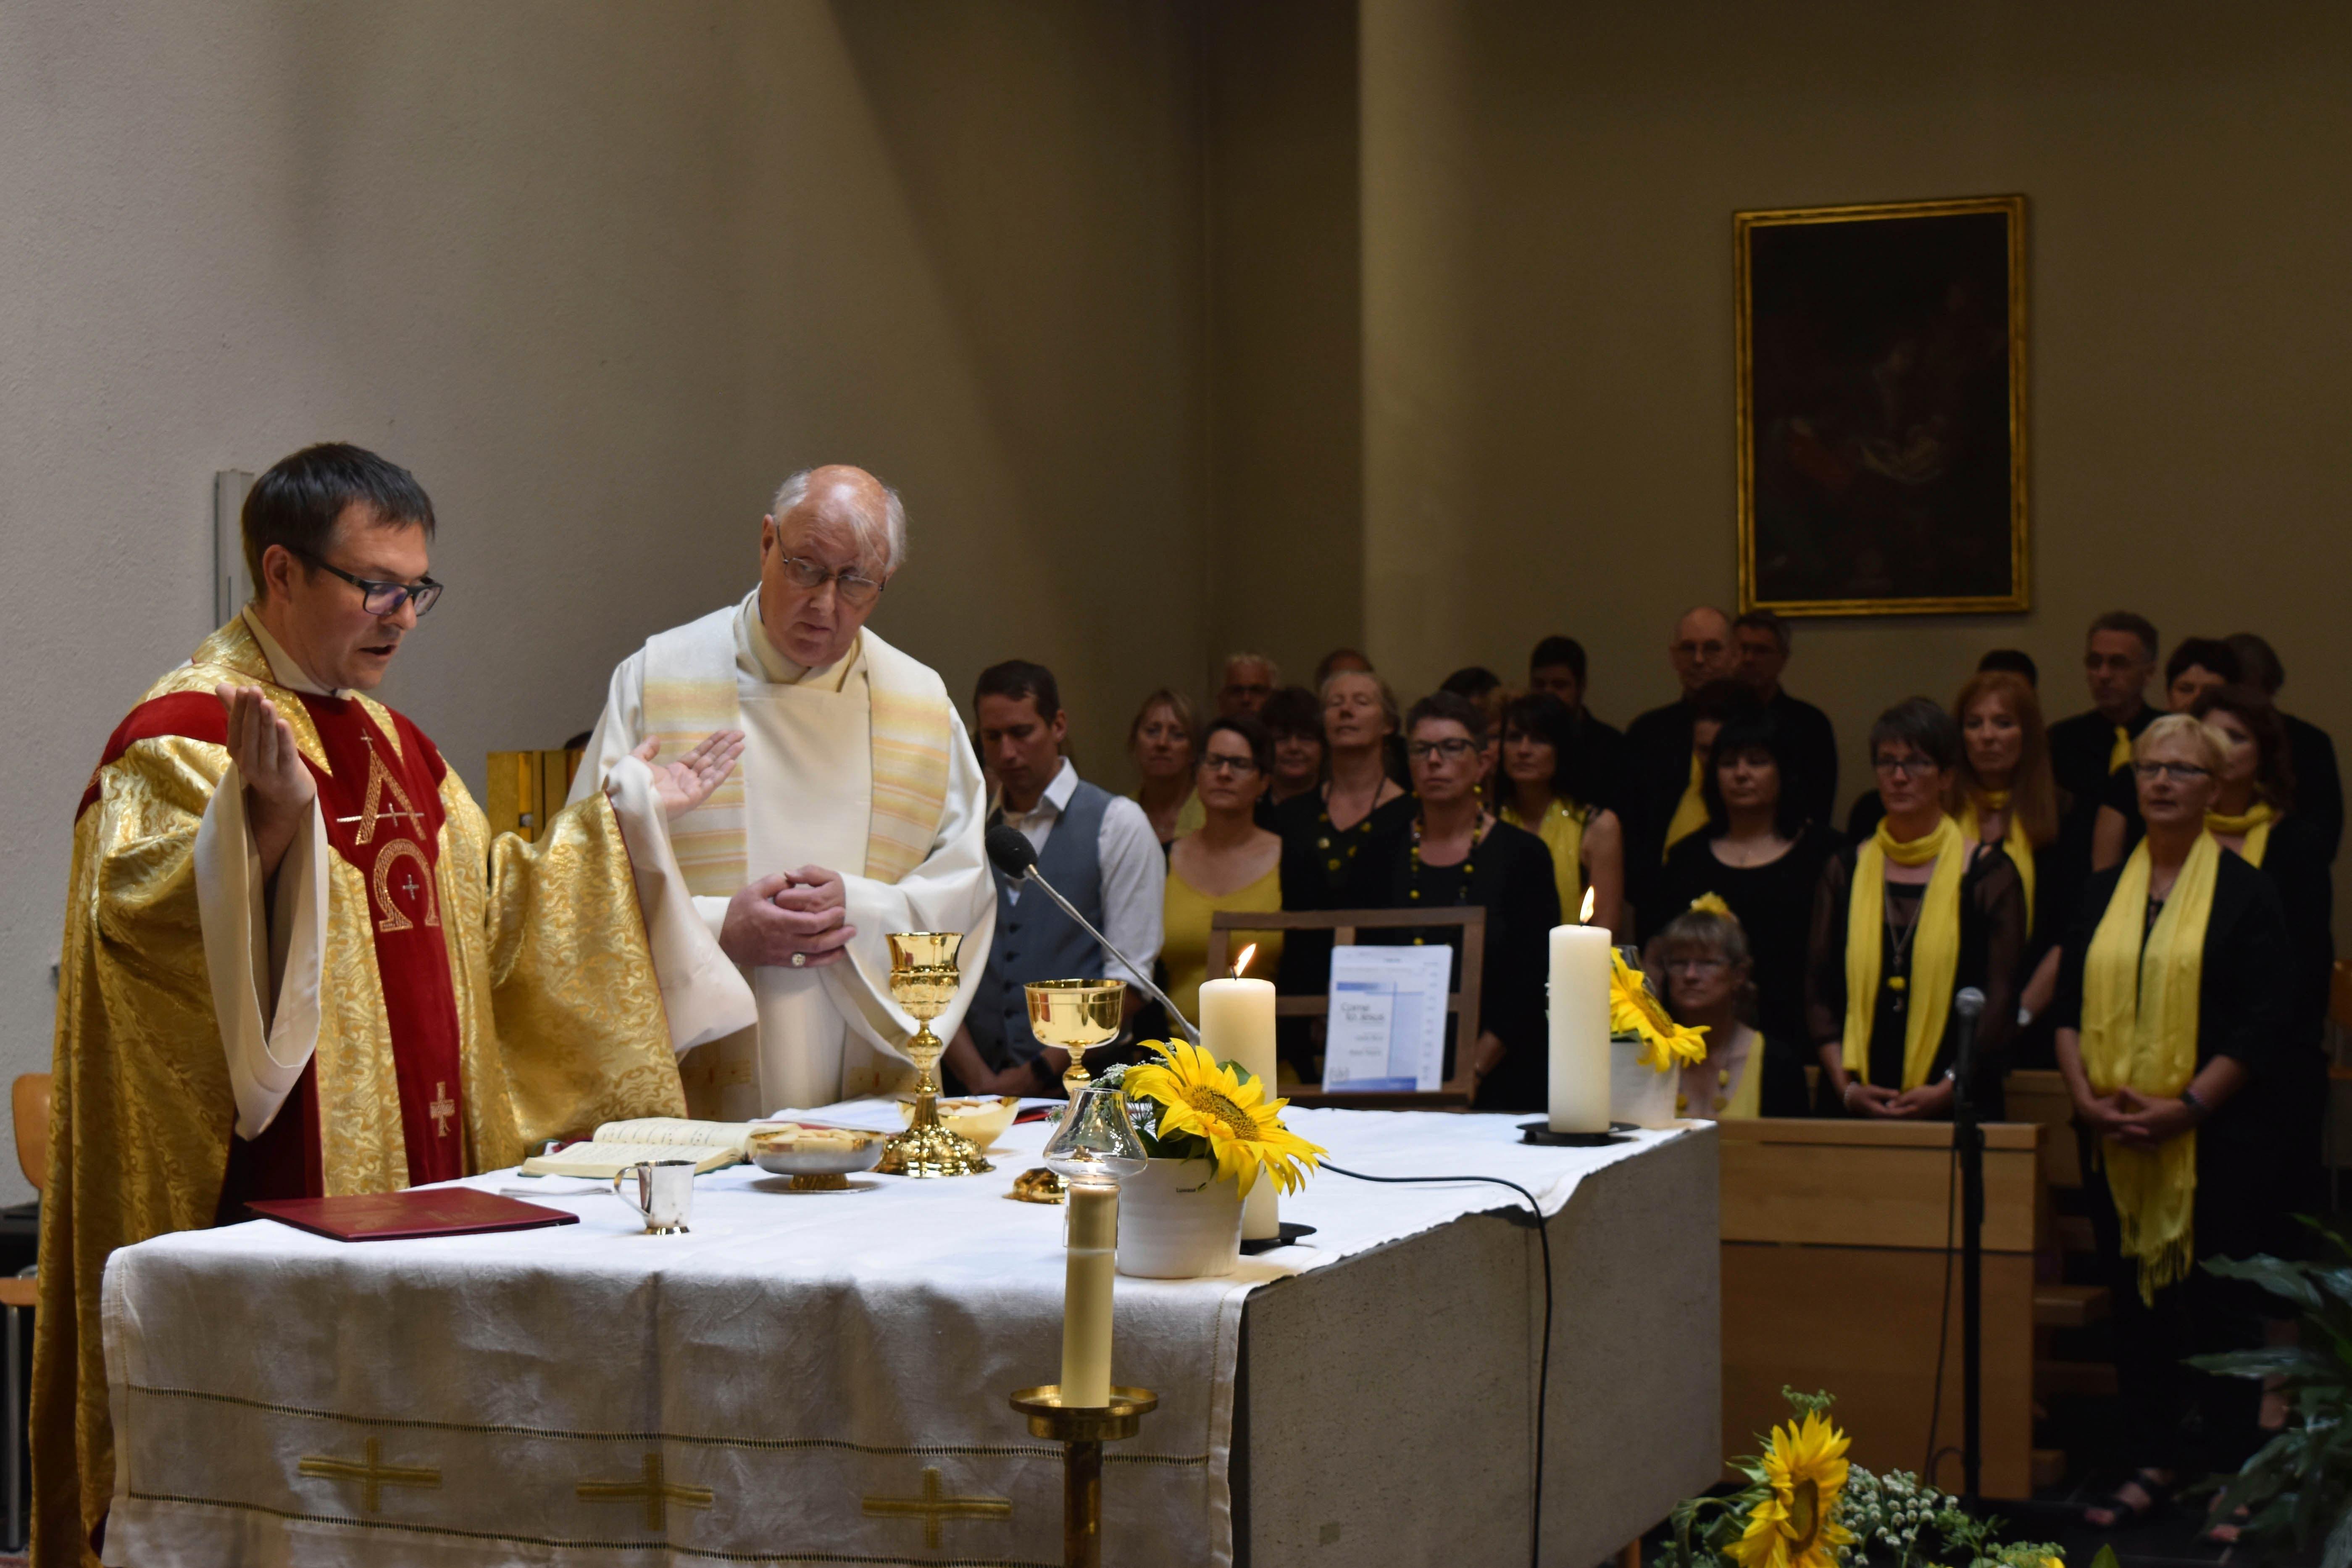 Mit einem Festgottesdienst, gestaltet durch Dekan Daniel Krieg und Pfarrer Notker Bärtsch (von links), und dem Gospelchor Uri startete das Jubiläumsfest «50 Jahre Kirche St. Josef». (Bild: Georg Epp (Sisikon, 24. Juni 2018))